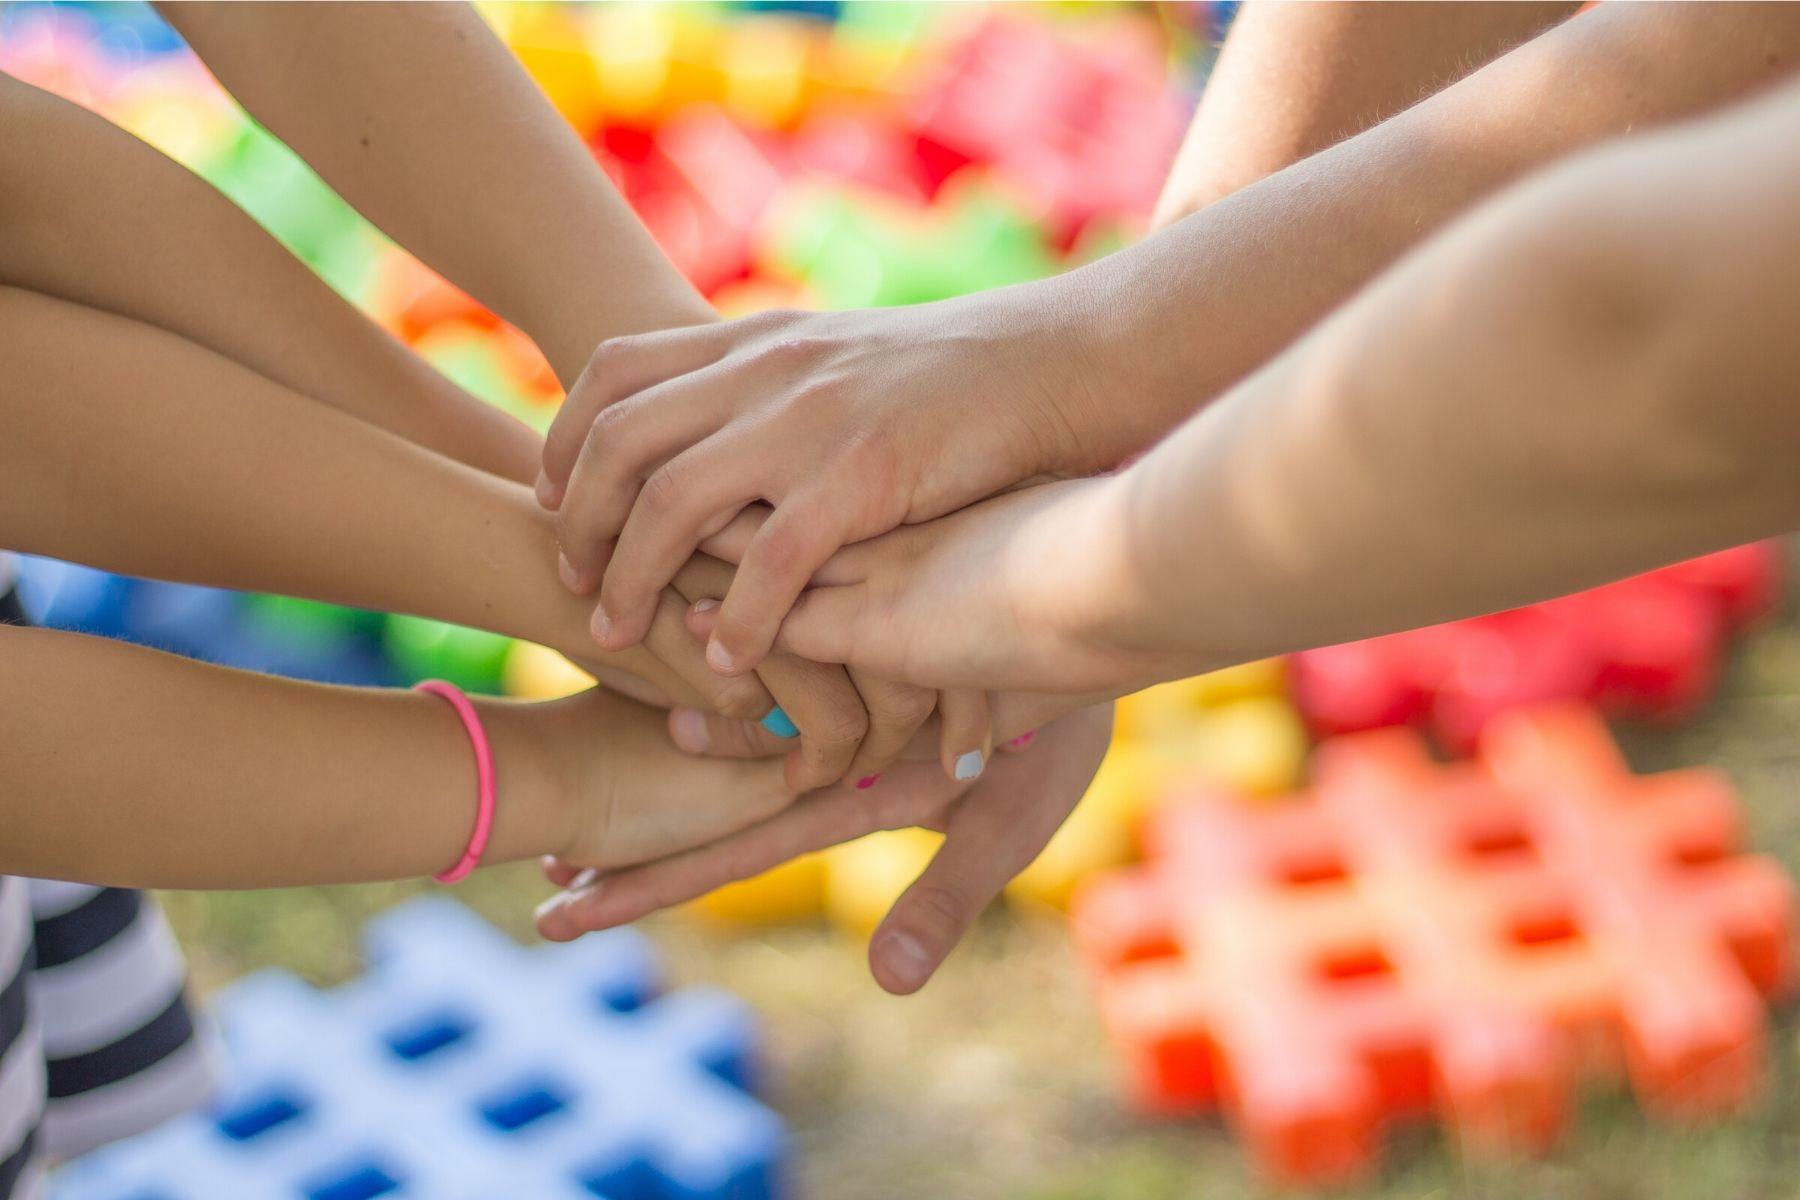 Alimentation enfant, une approche collaborative avec les parents